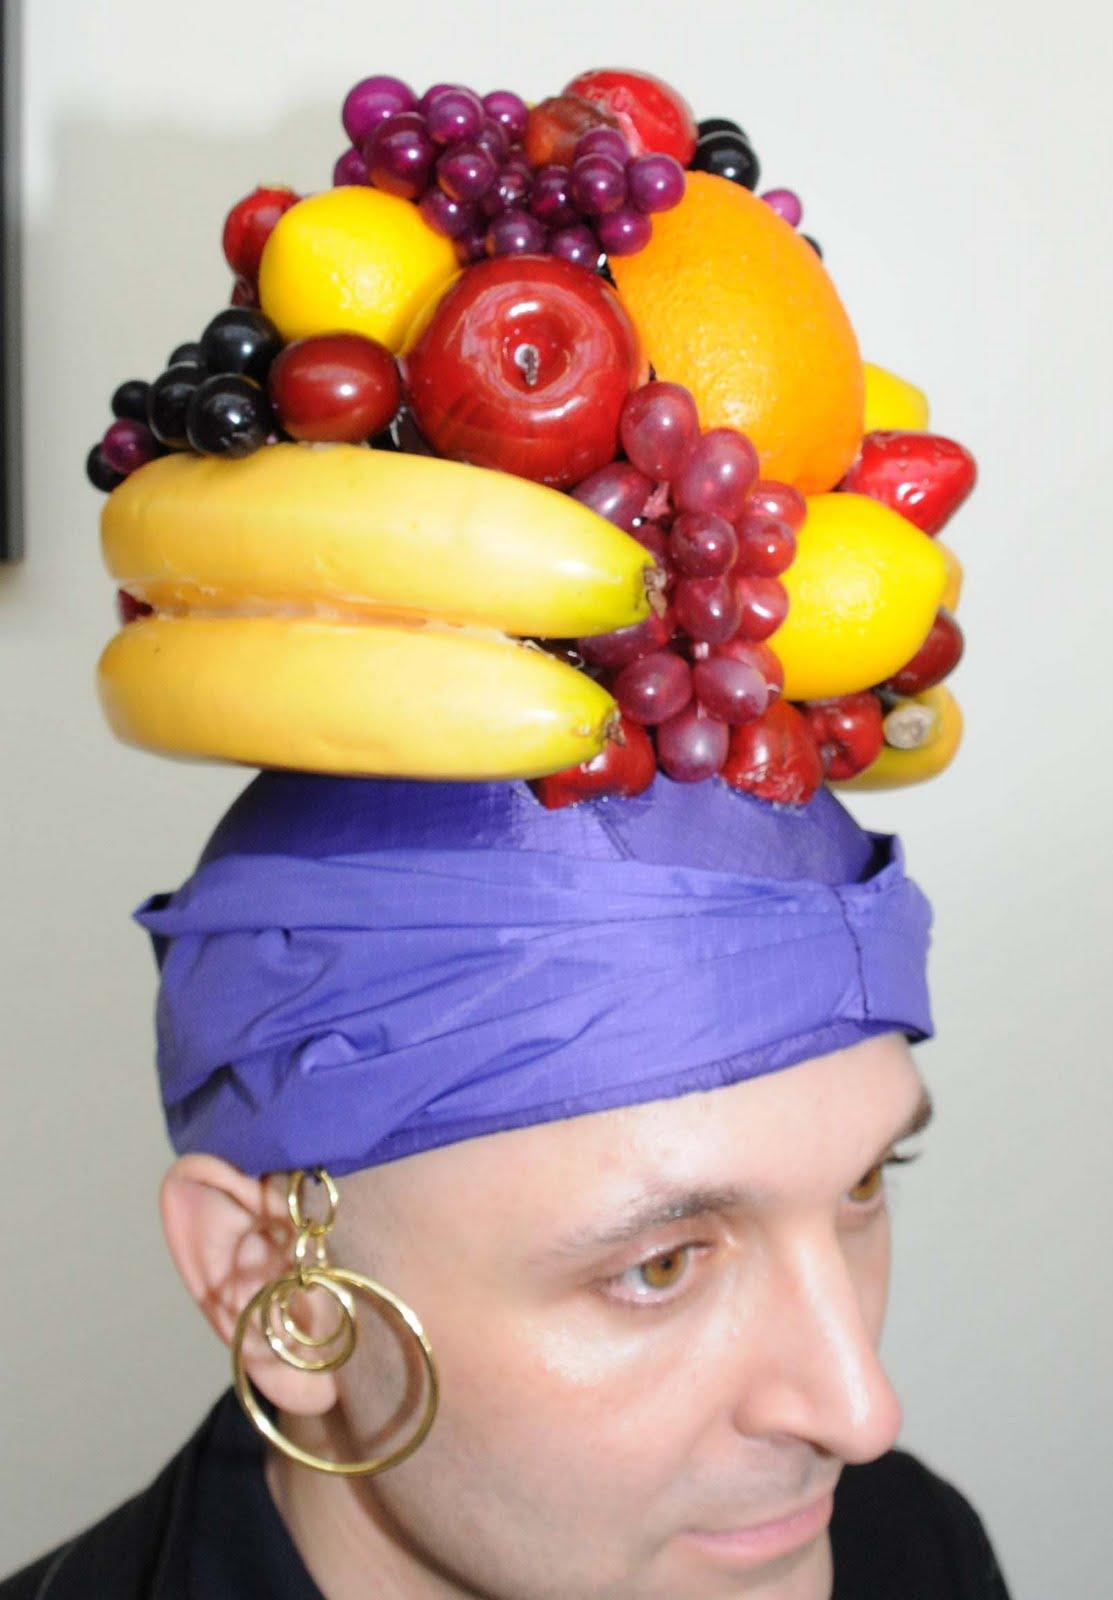 Шляпа фрукты своими руками 64